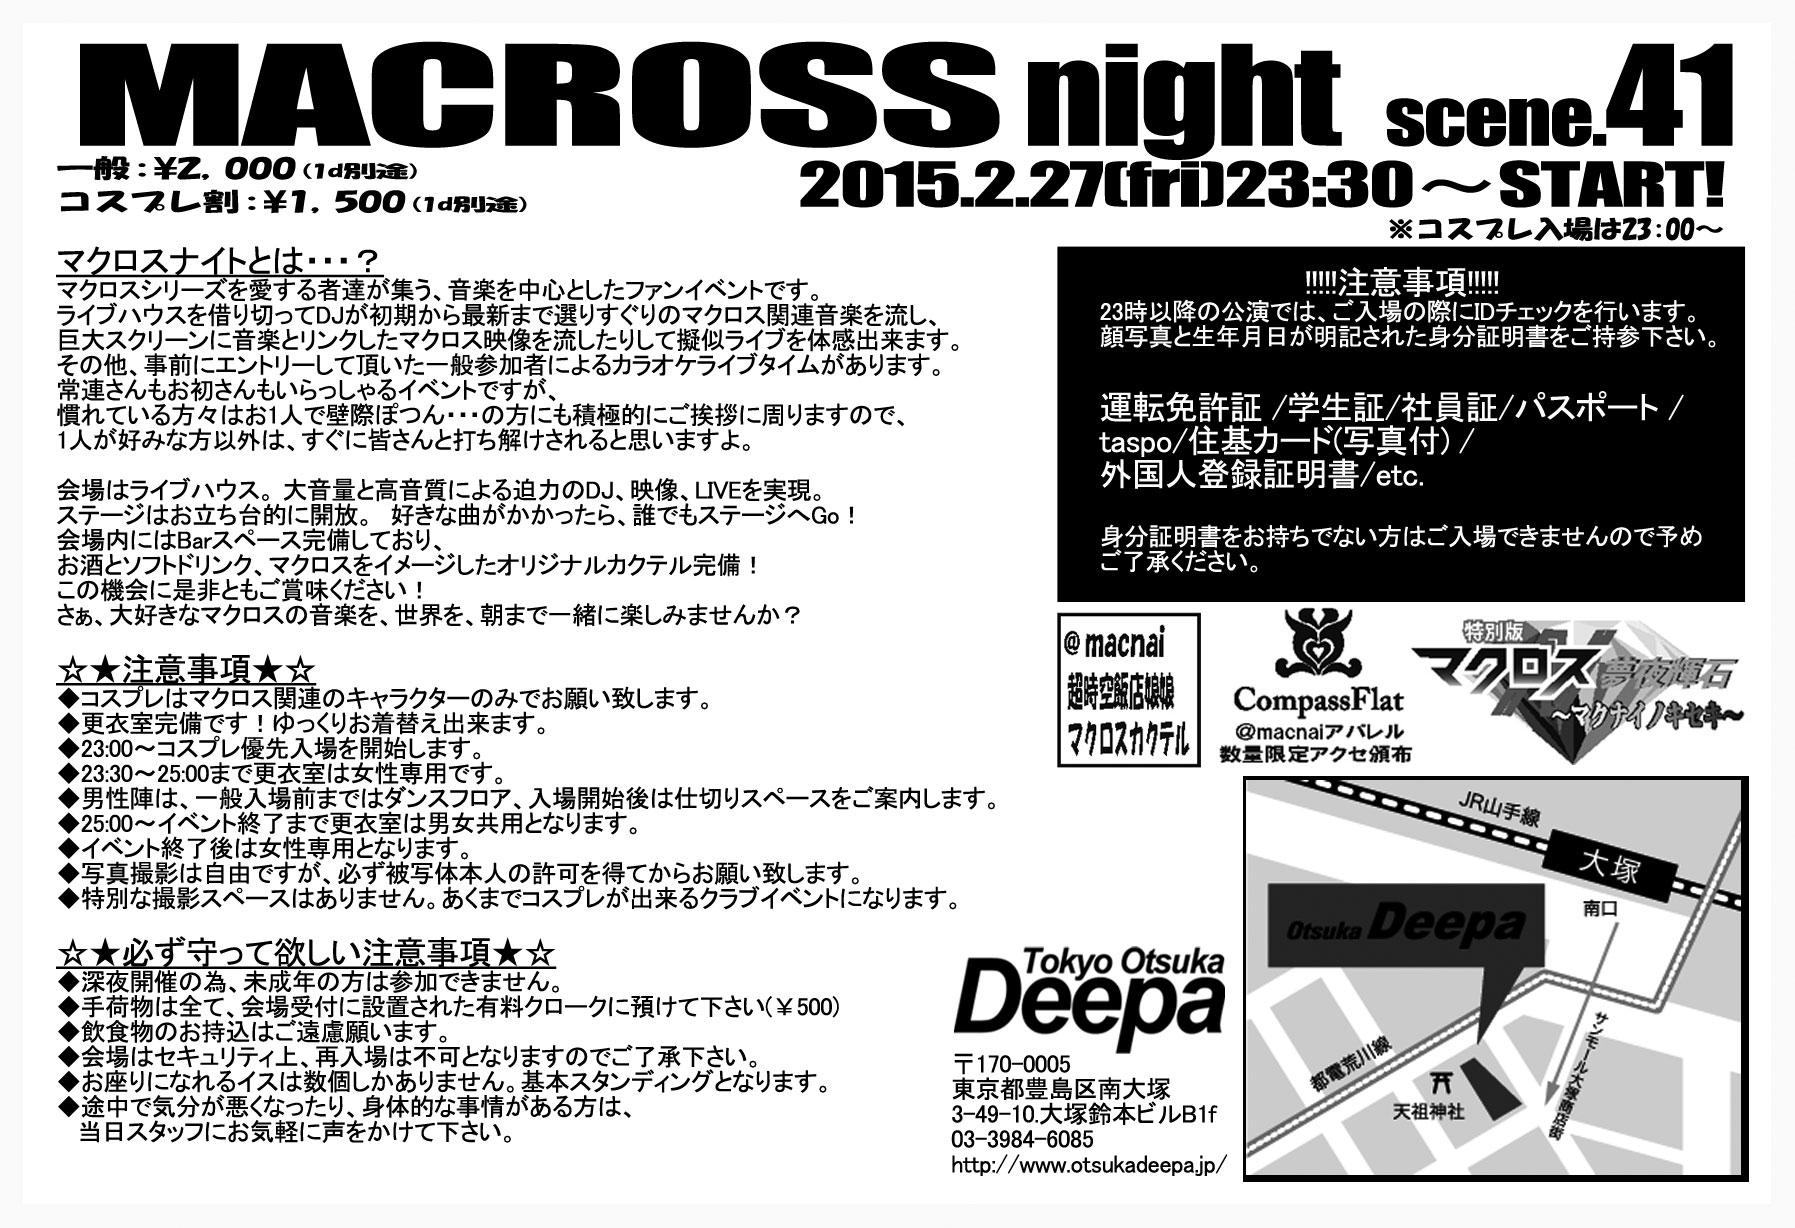 マクロスナイト41裏面S (1)